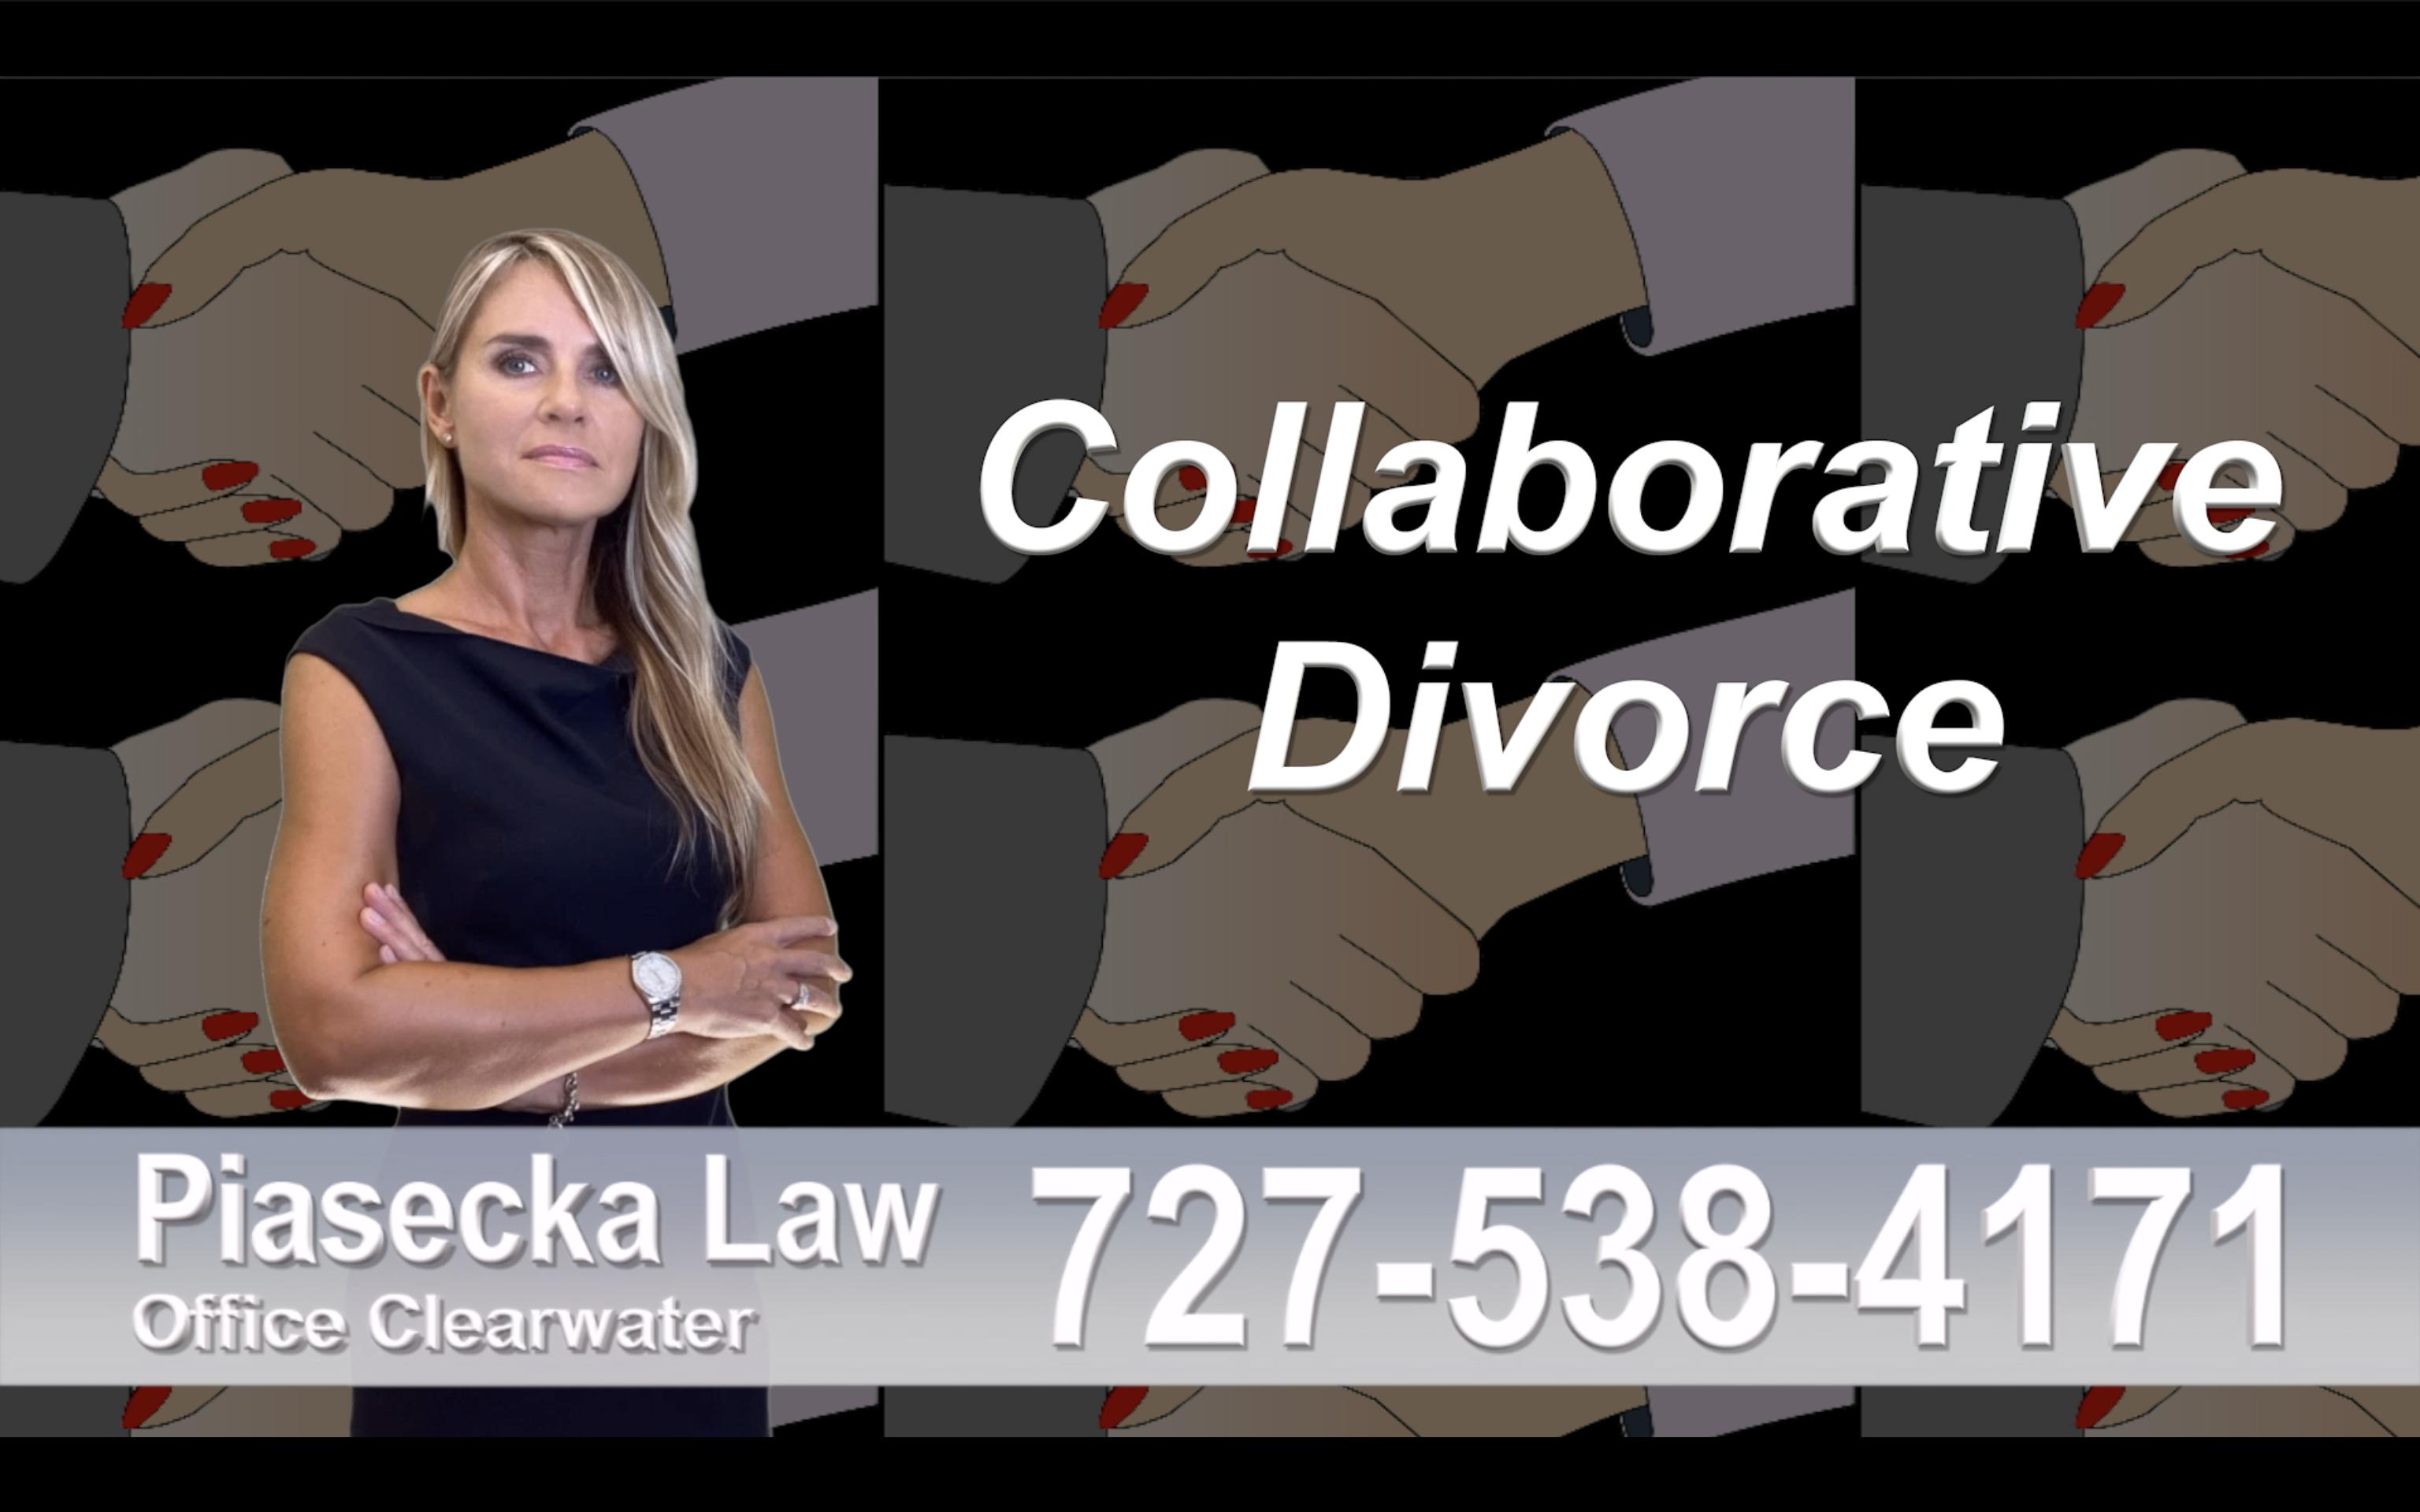 Palmetto Collaborative, Divorce, Attorney, Agnieszka, Piasecka, Prawnik, Rozwodowy, Rozwód, Adwokat, divorce, uncontested, Najlepszy, Best, divorce, attorney